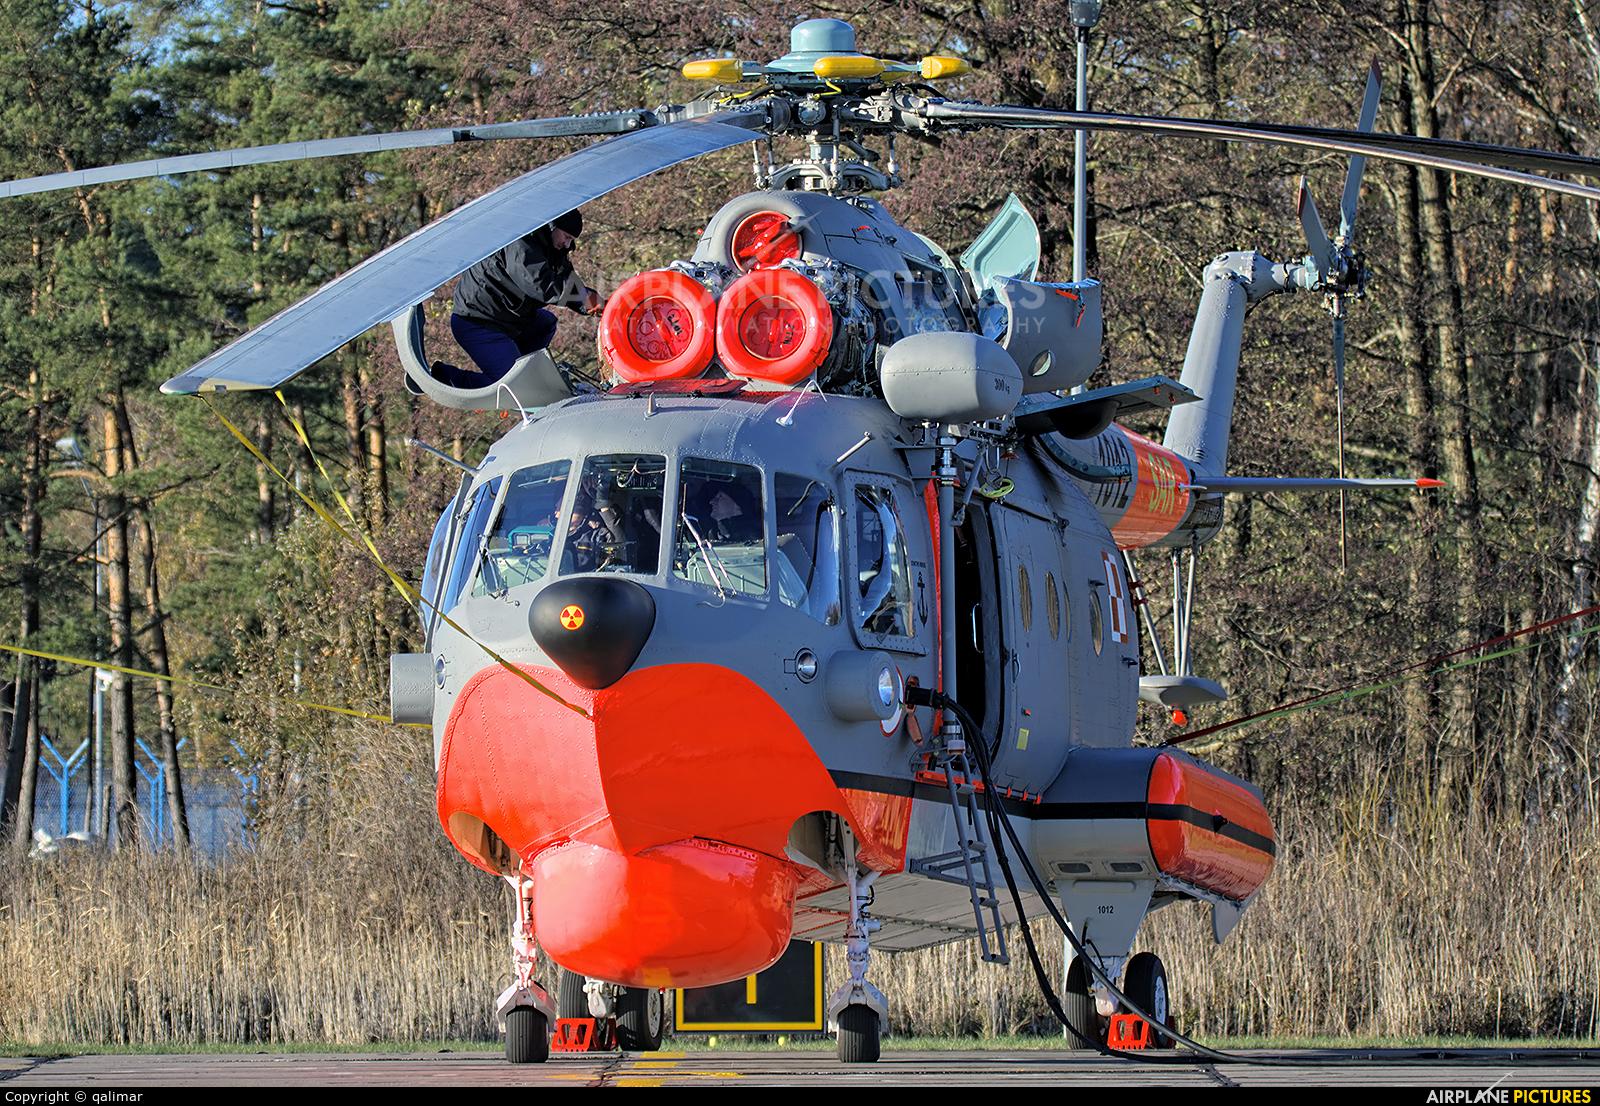 Poland - Navy 1012 aircraft at Darłowo